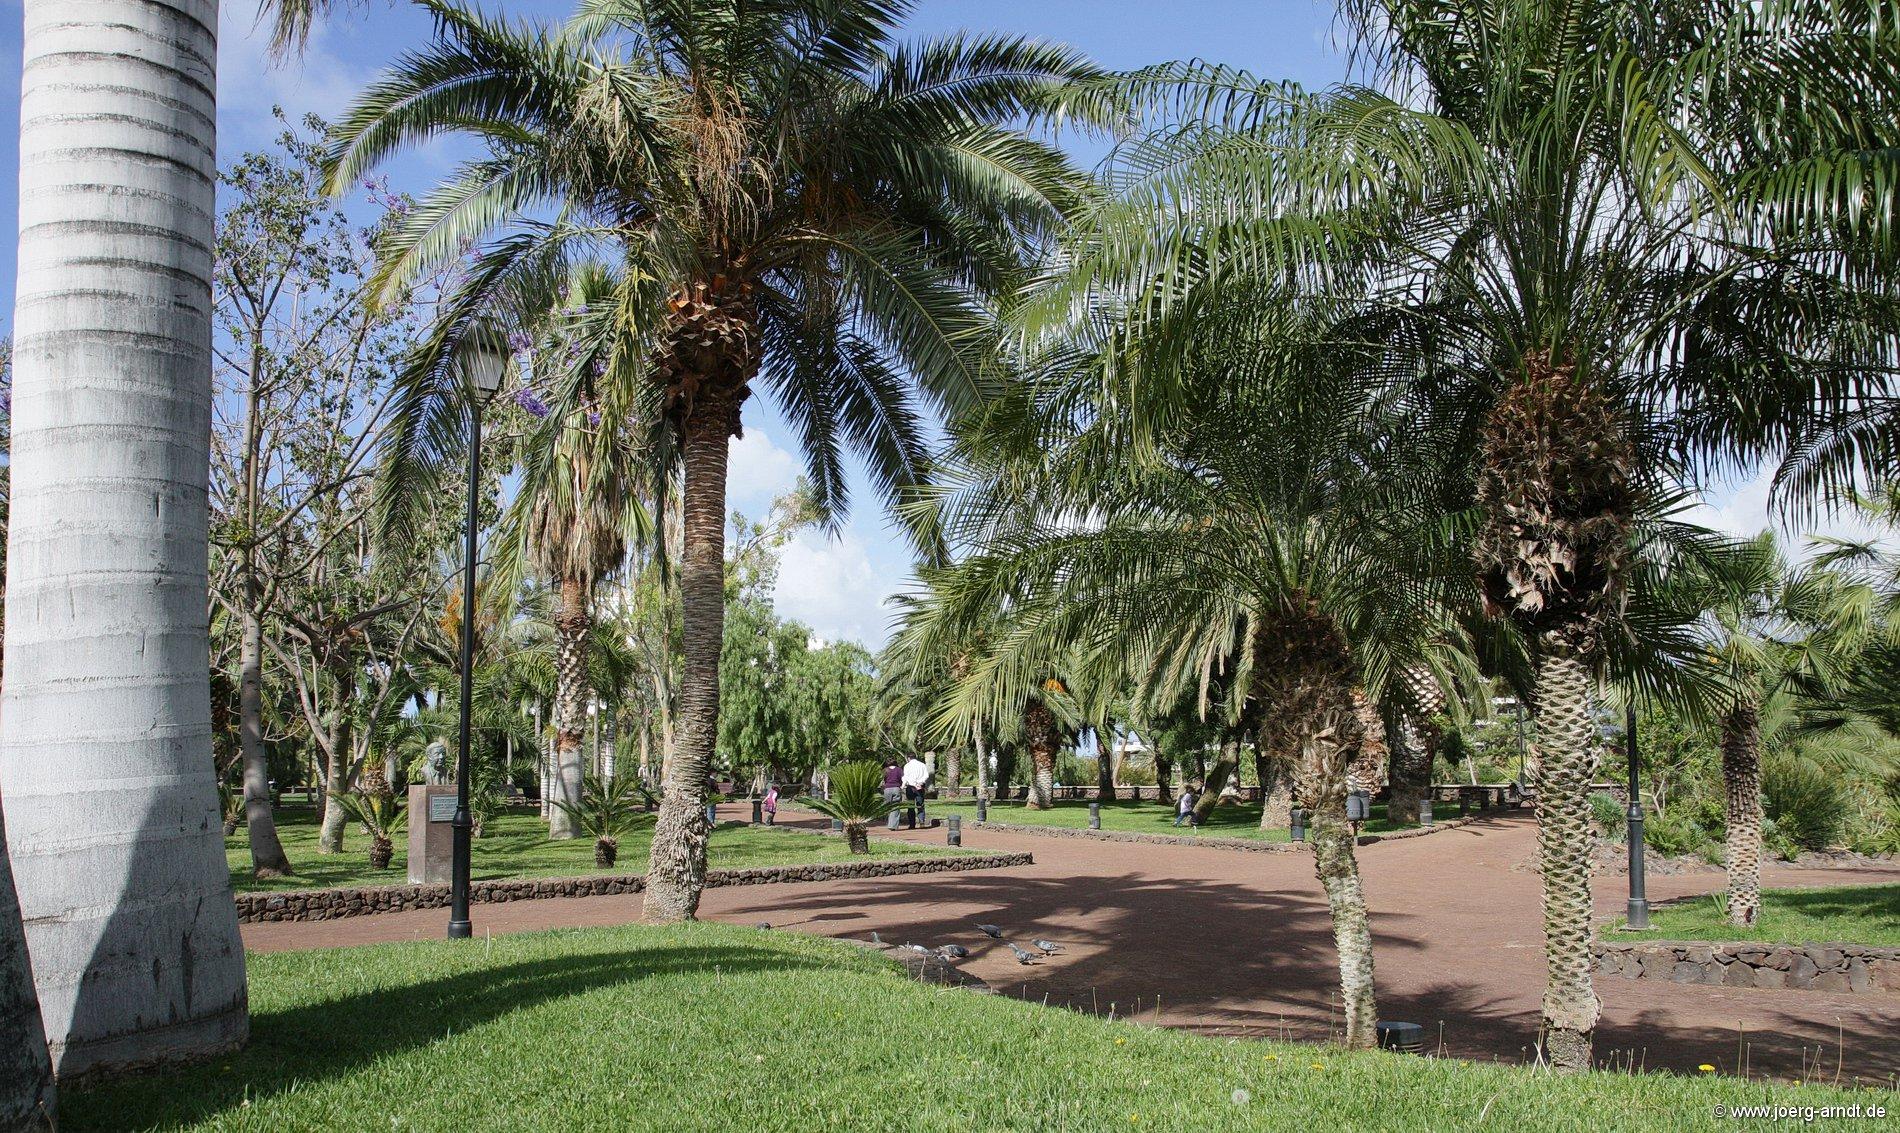 taoro-park-puerto-de-la-cruz_13